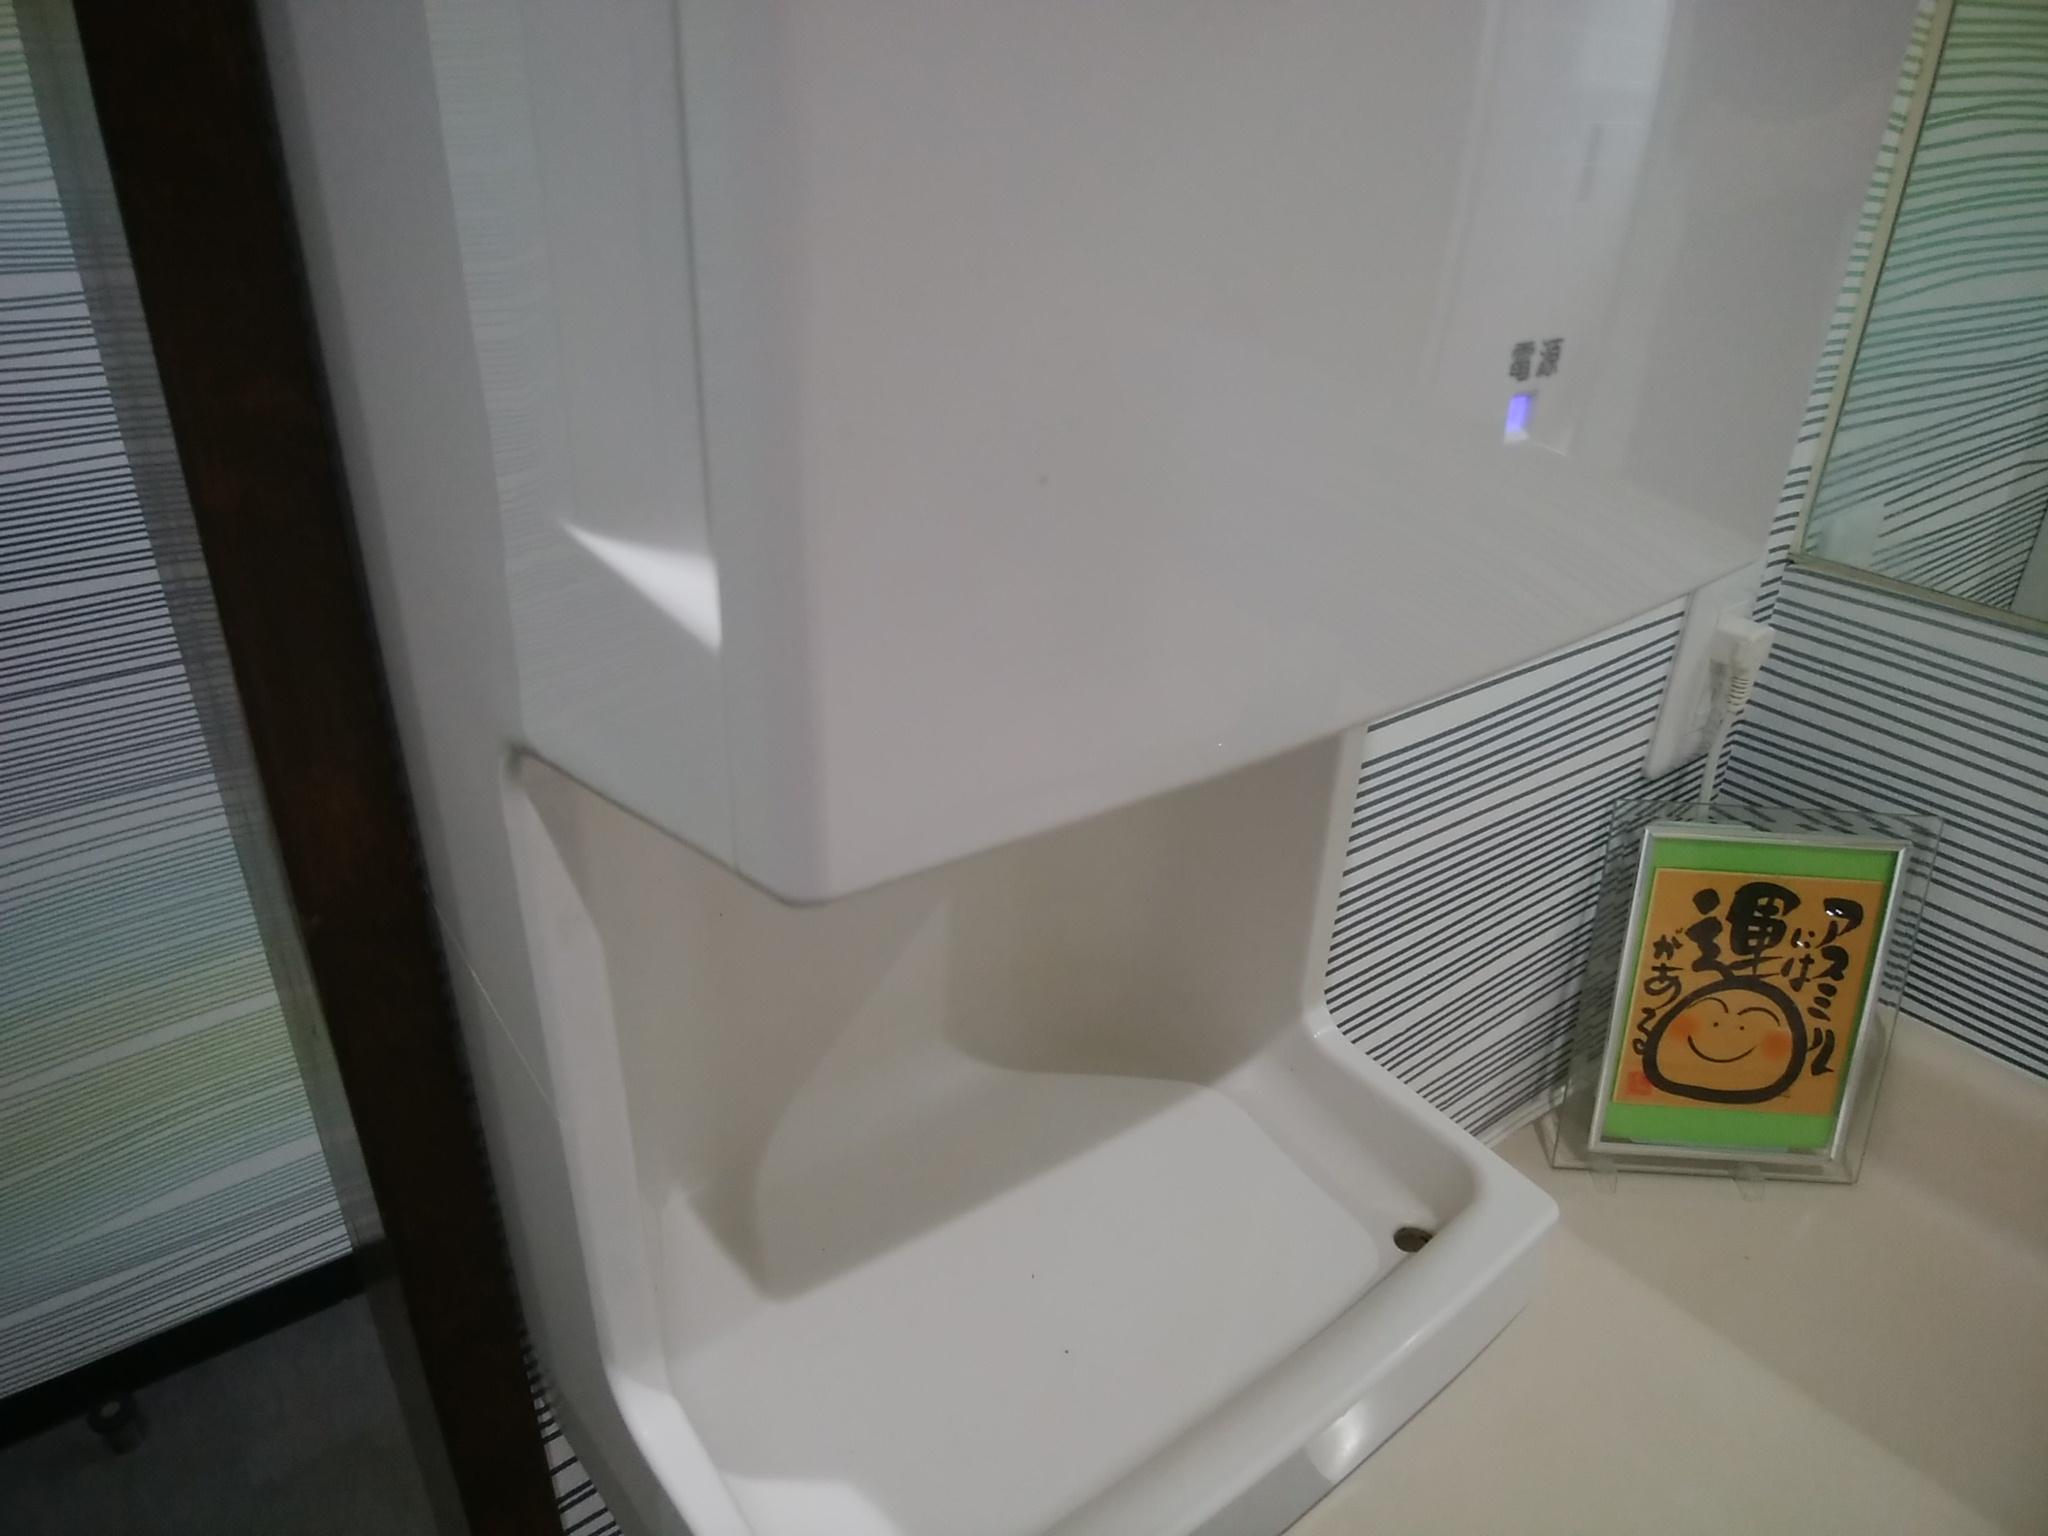 松兵衛のトイレの手洗い場の送風機